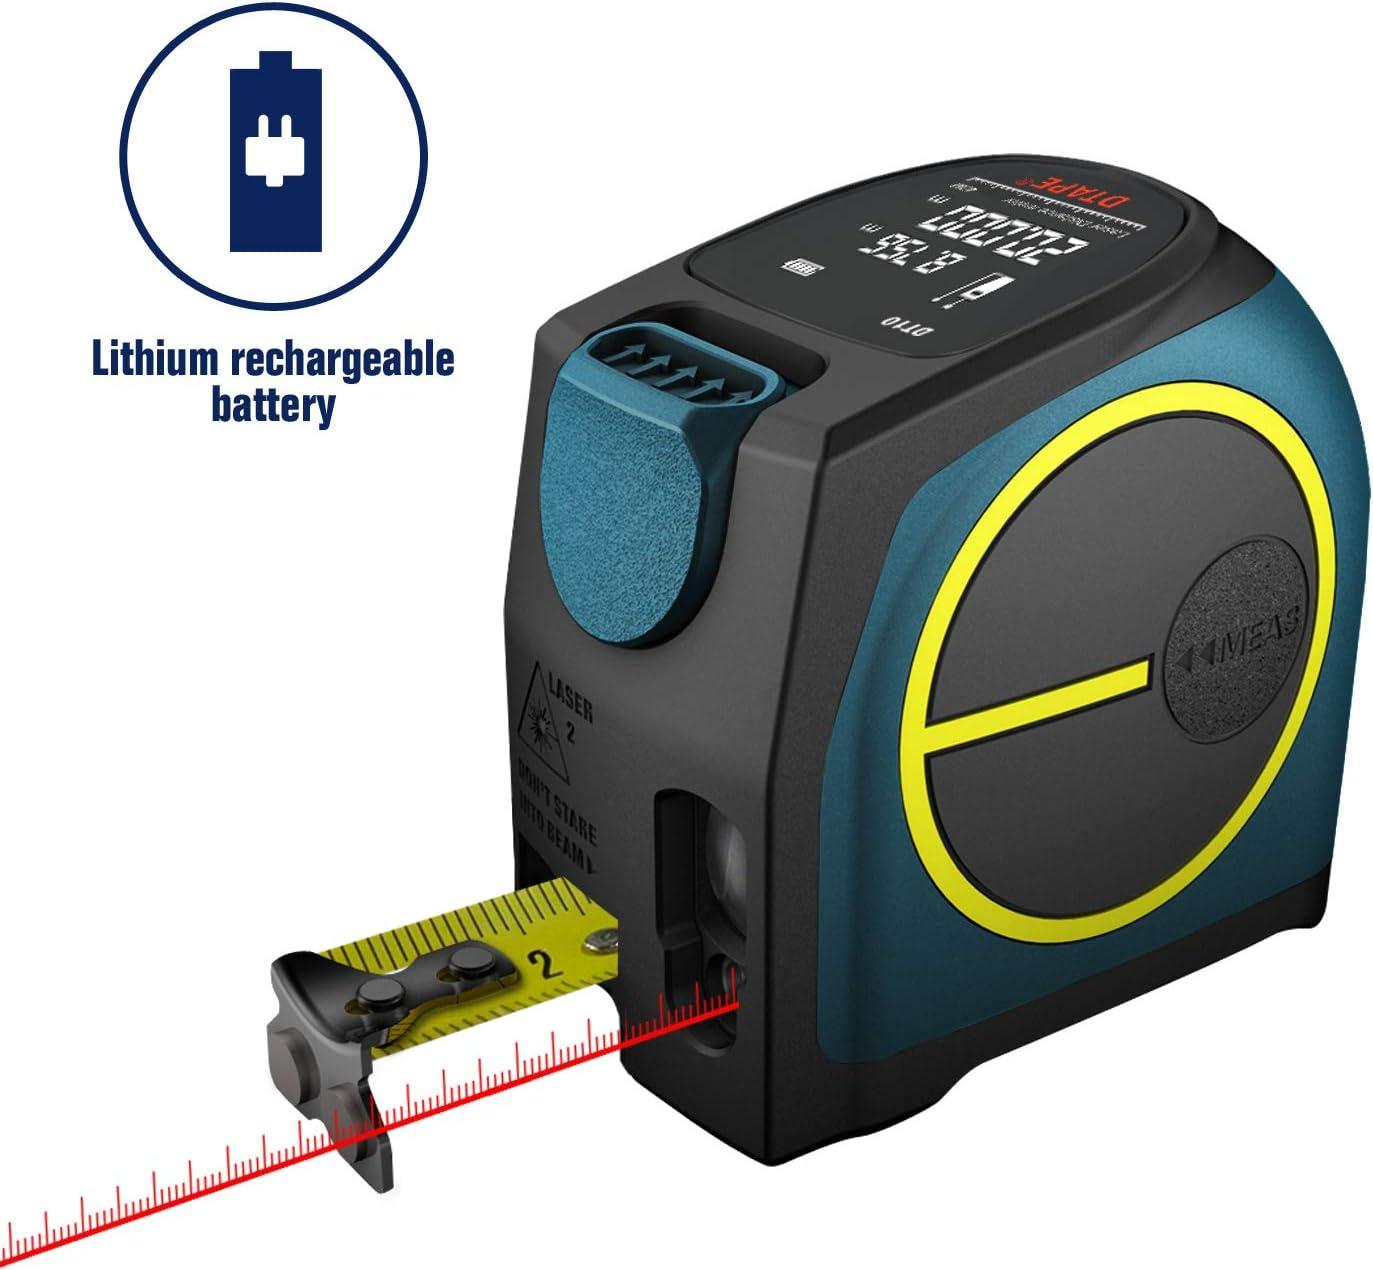 Medidor de distancia láser digital, Medidor de láser recargable Hanmer Medición láser, Mango portátil Medidor de rango digital Medidor